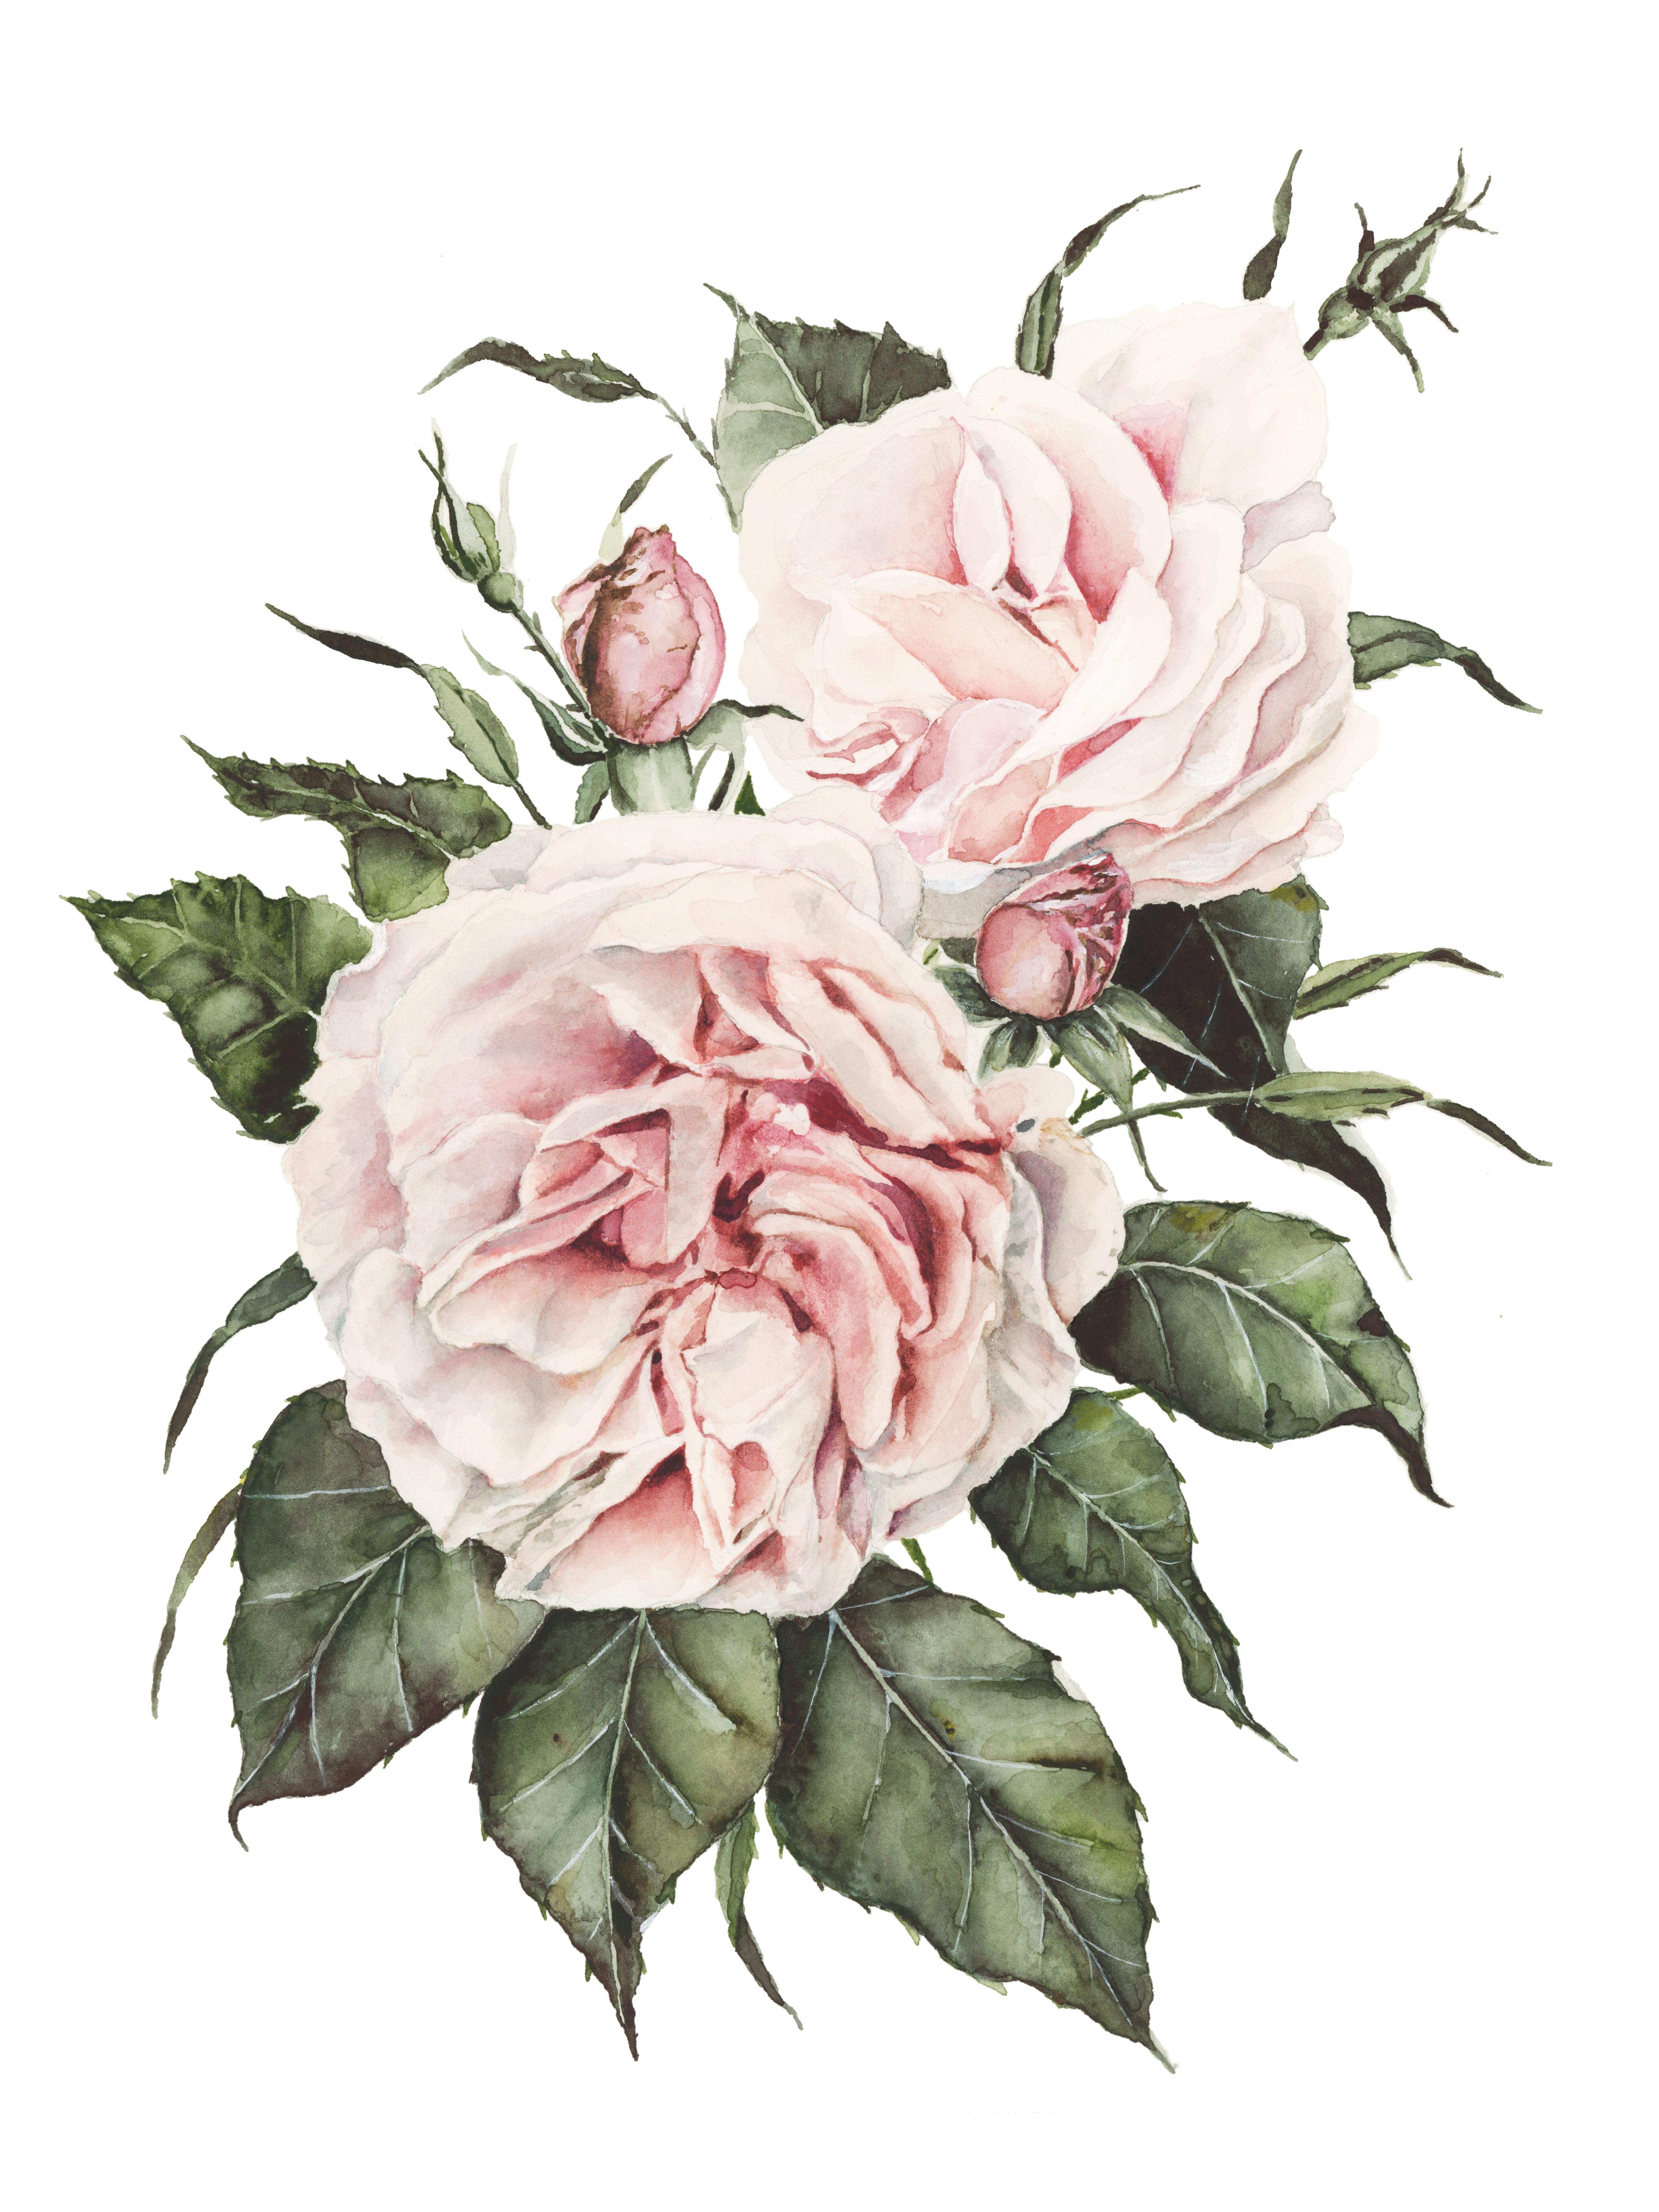 Garden Roses Watercolor Painting Print Watercolor Rose Botanical Artwork Tapestry